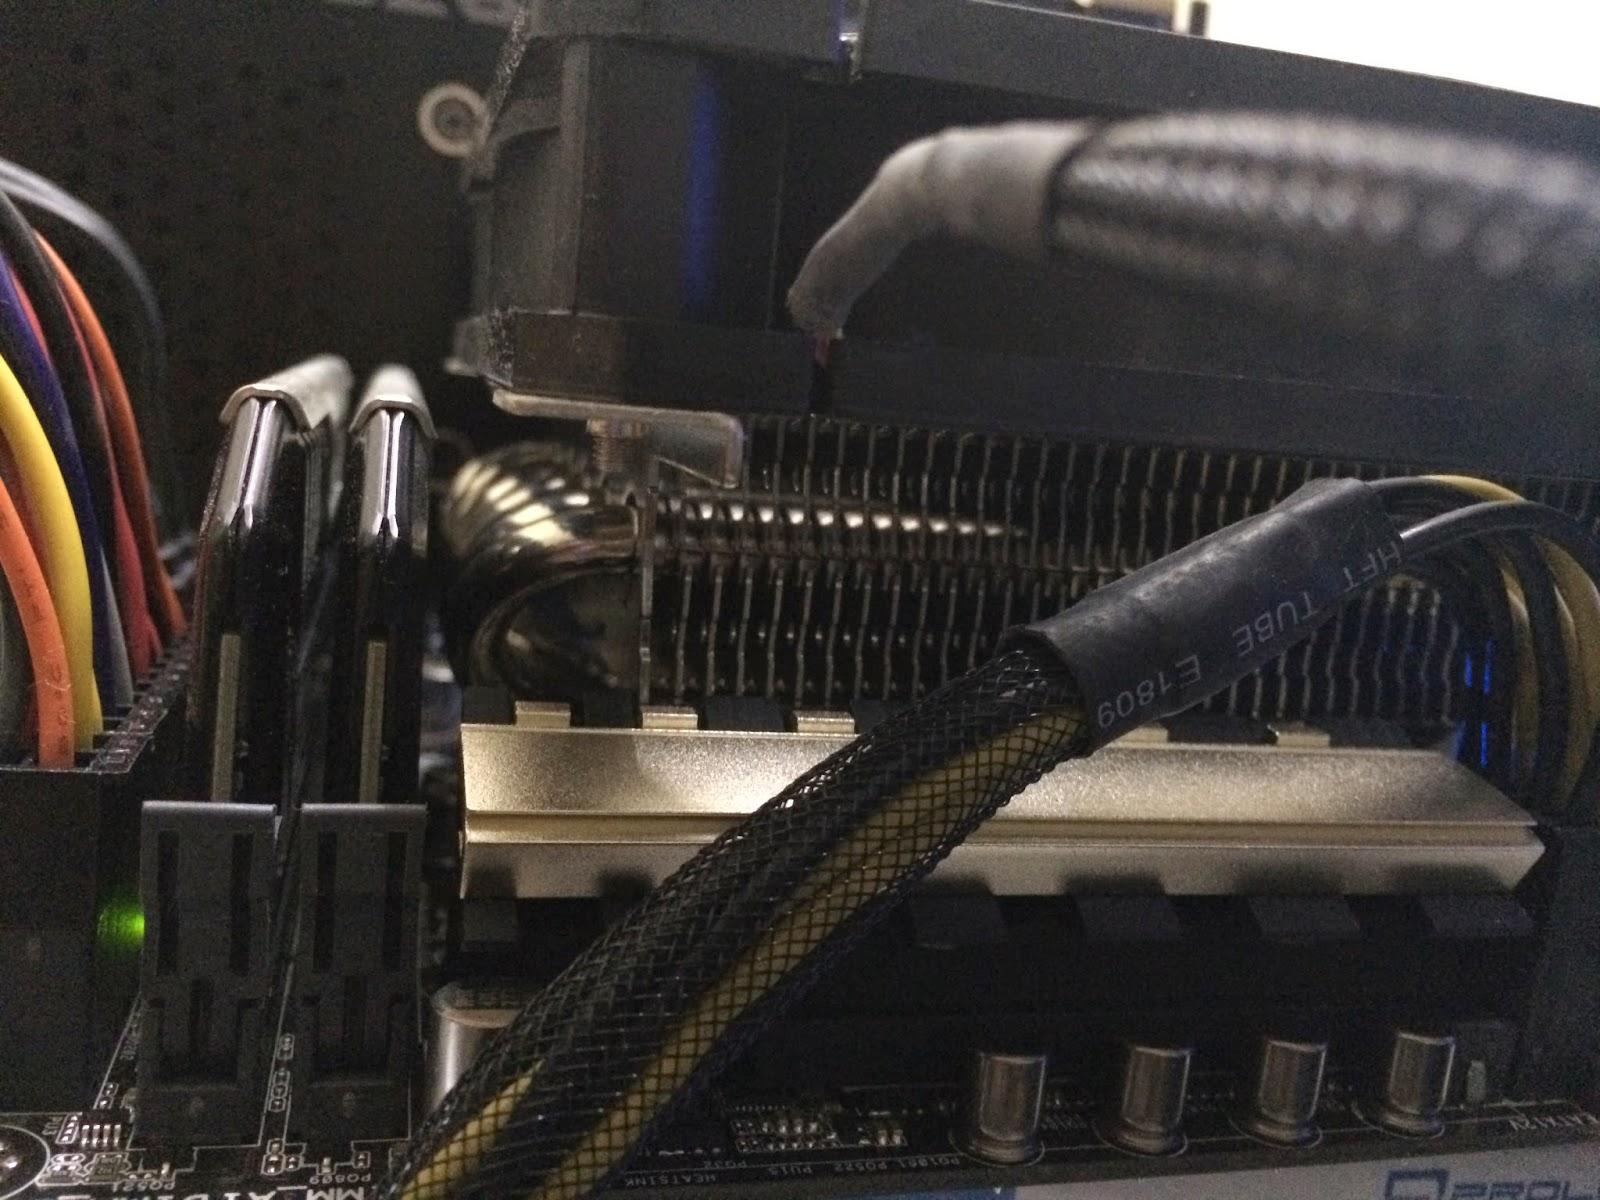 Unboxing & Review: Prolimatech Samuel 17 Low Profile CPU Cooler 11